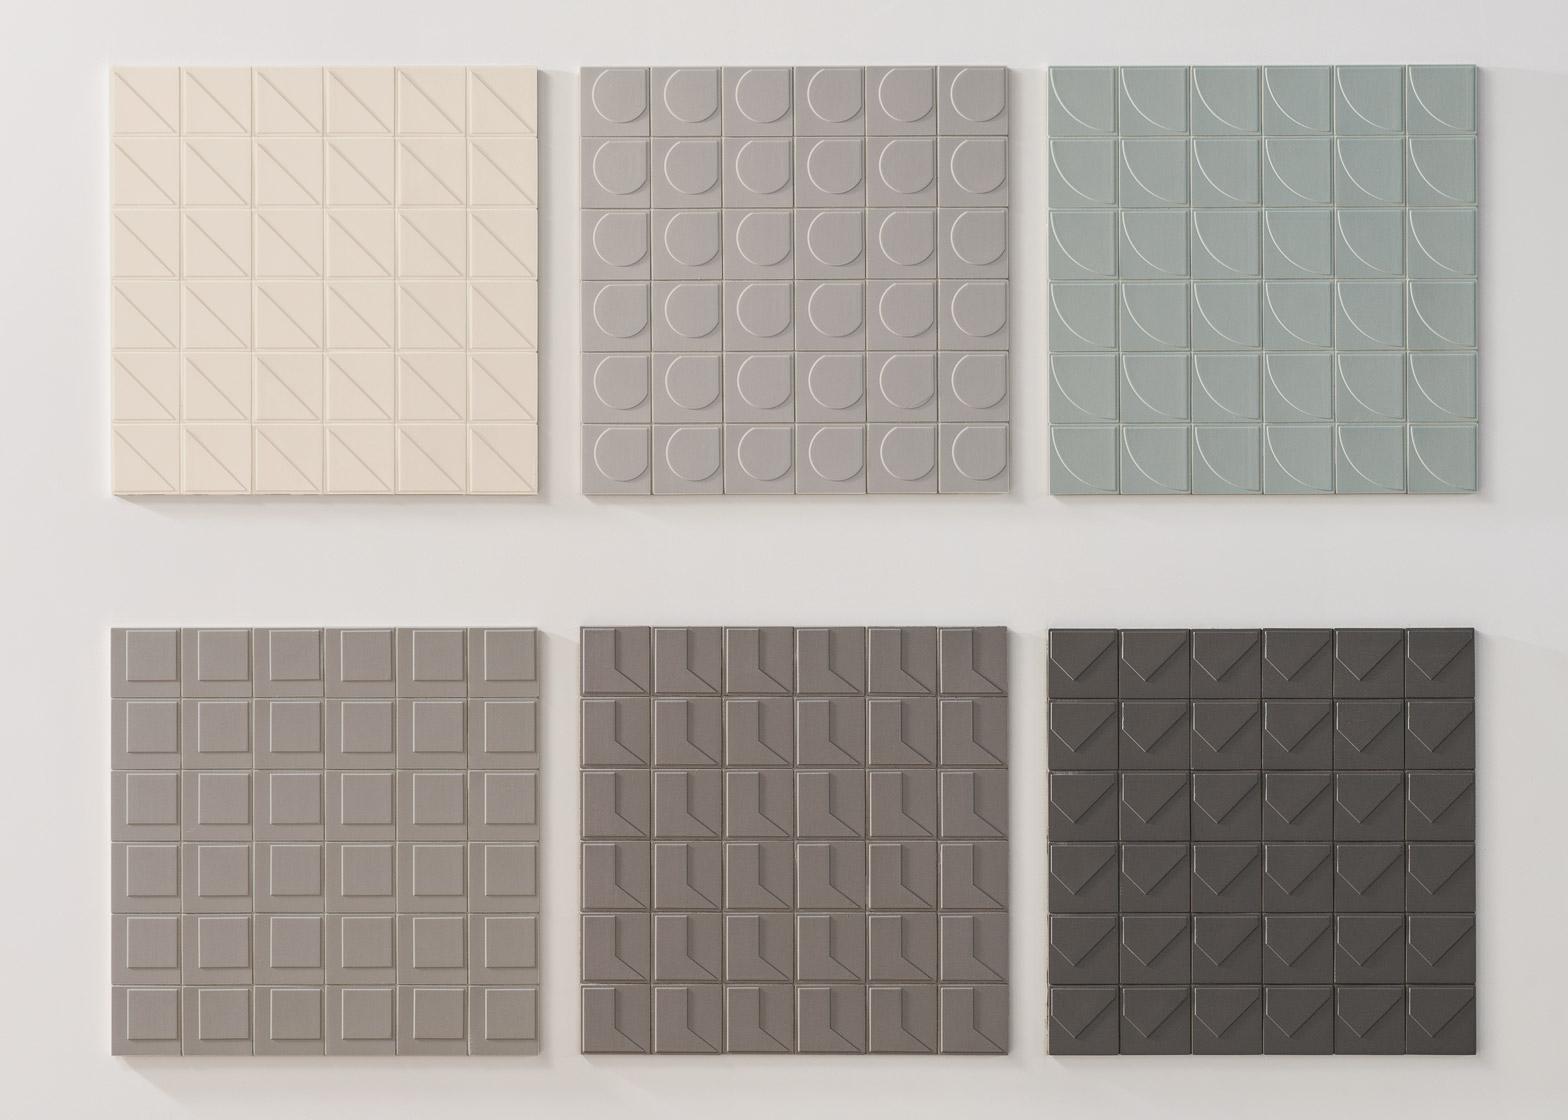 La prima collezione di piastrelle di konstantin grcic per - Texture piastrelle bagno ...